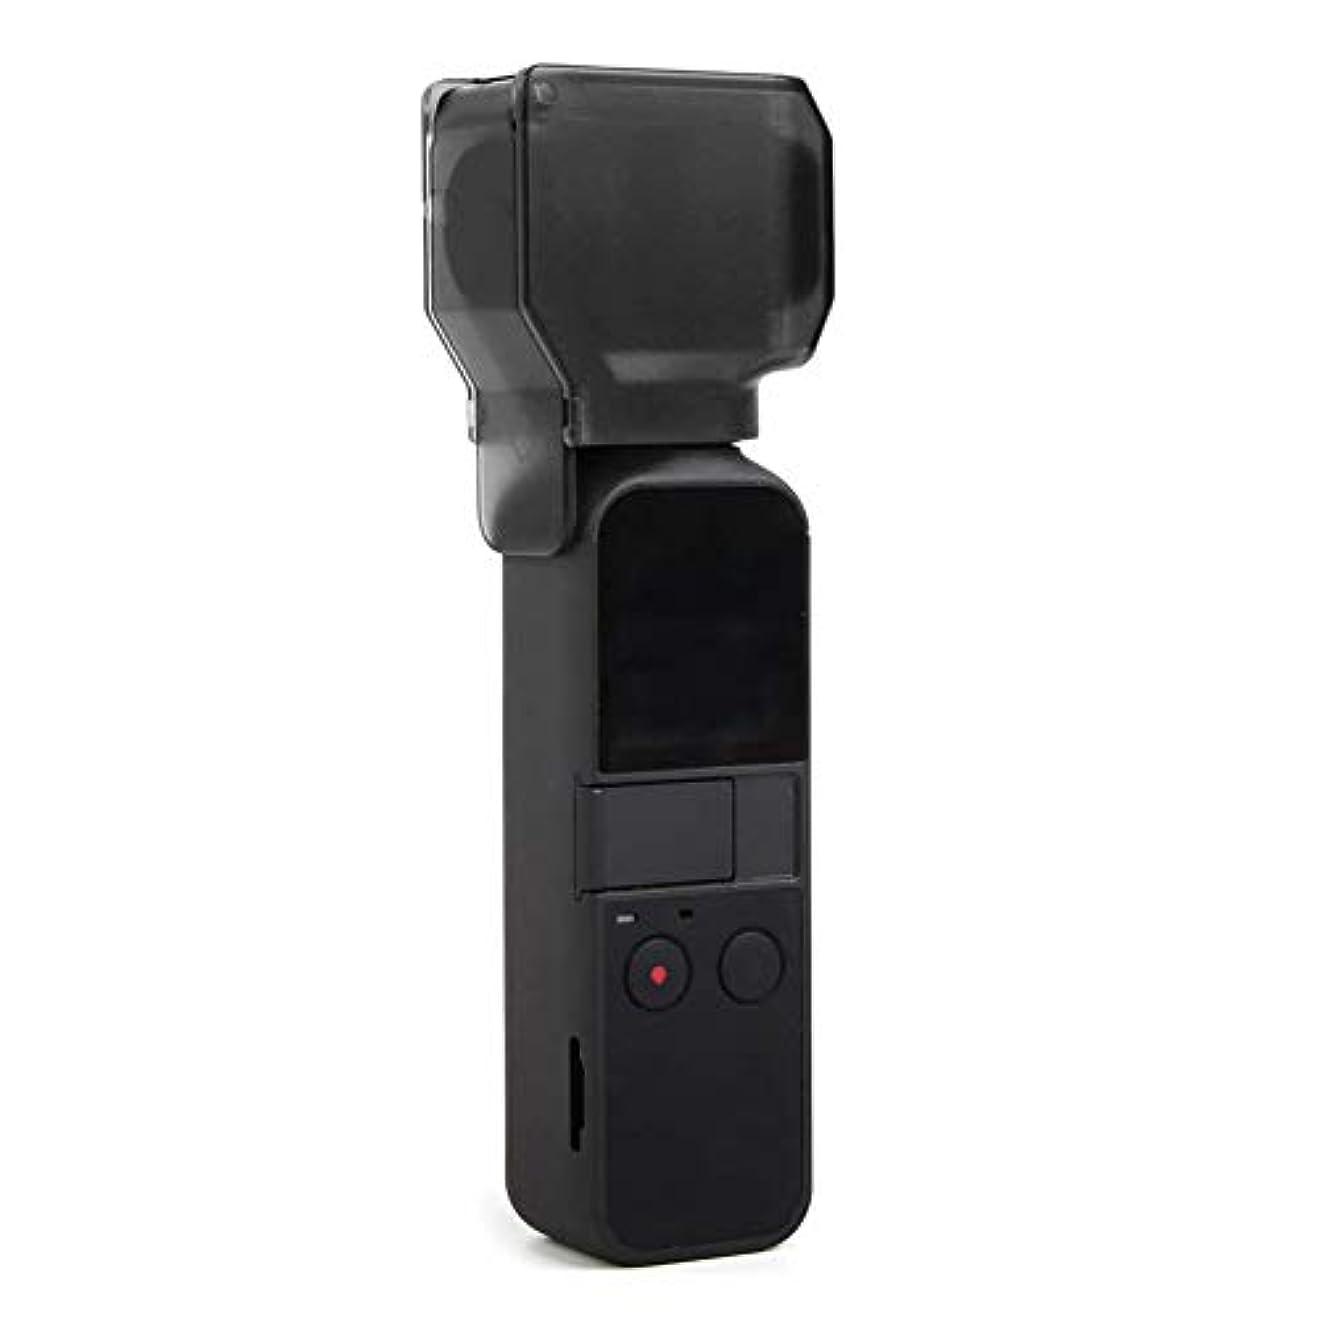 知覚するルー規制するOSMO用保護ケースジンバルポケットカメラスクリーンプロテクターレンズカバー保護封筒カメラアクセサリー